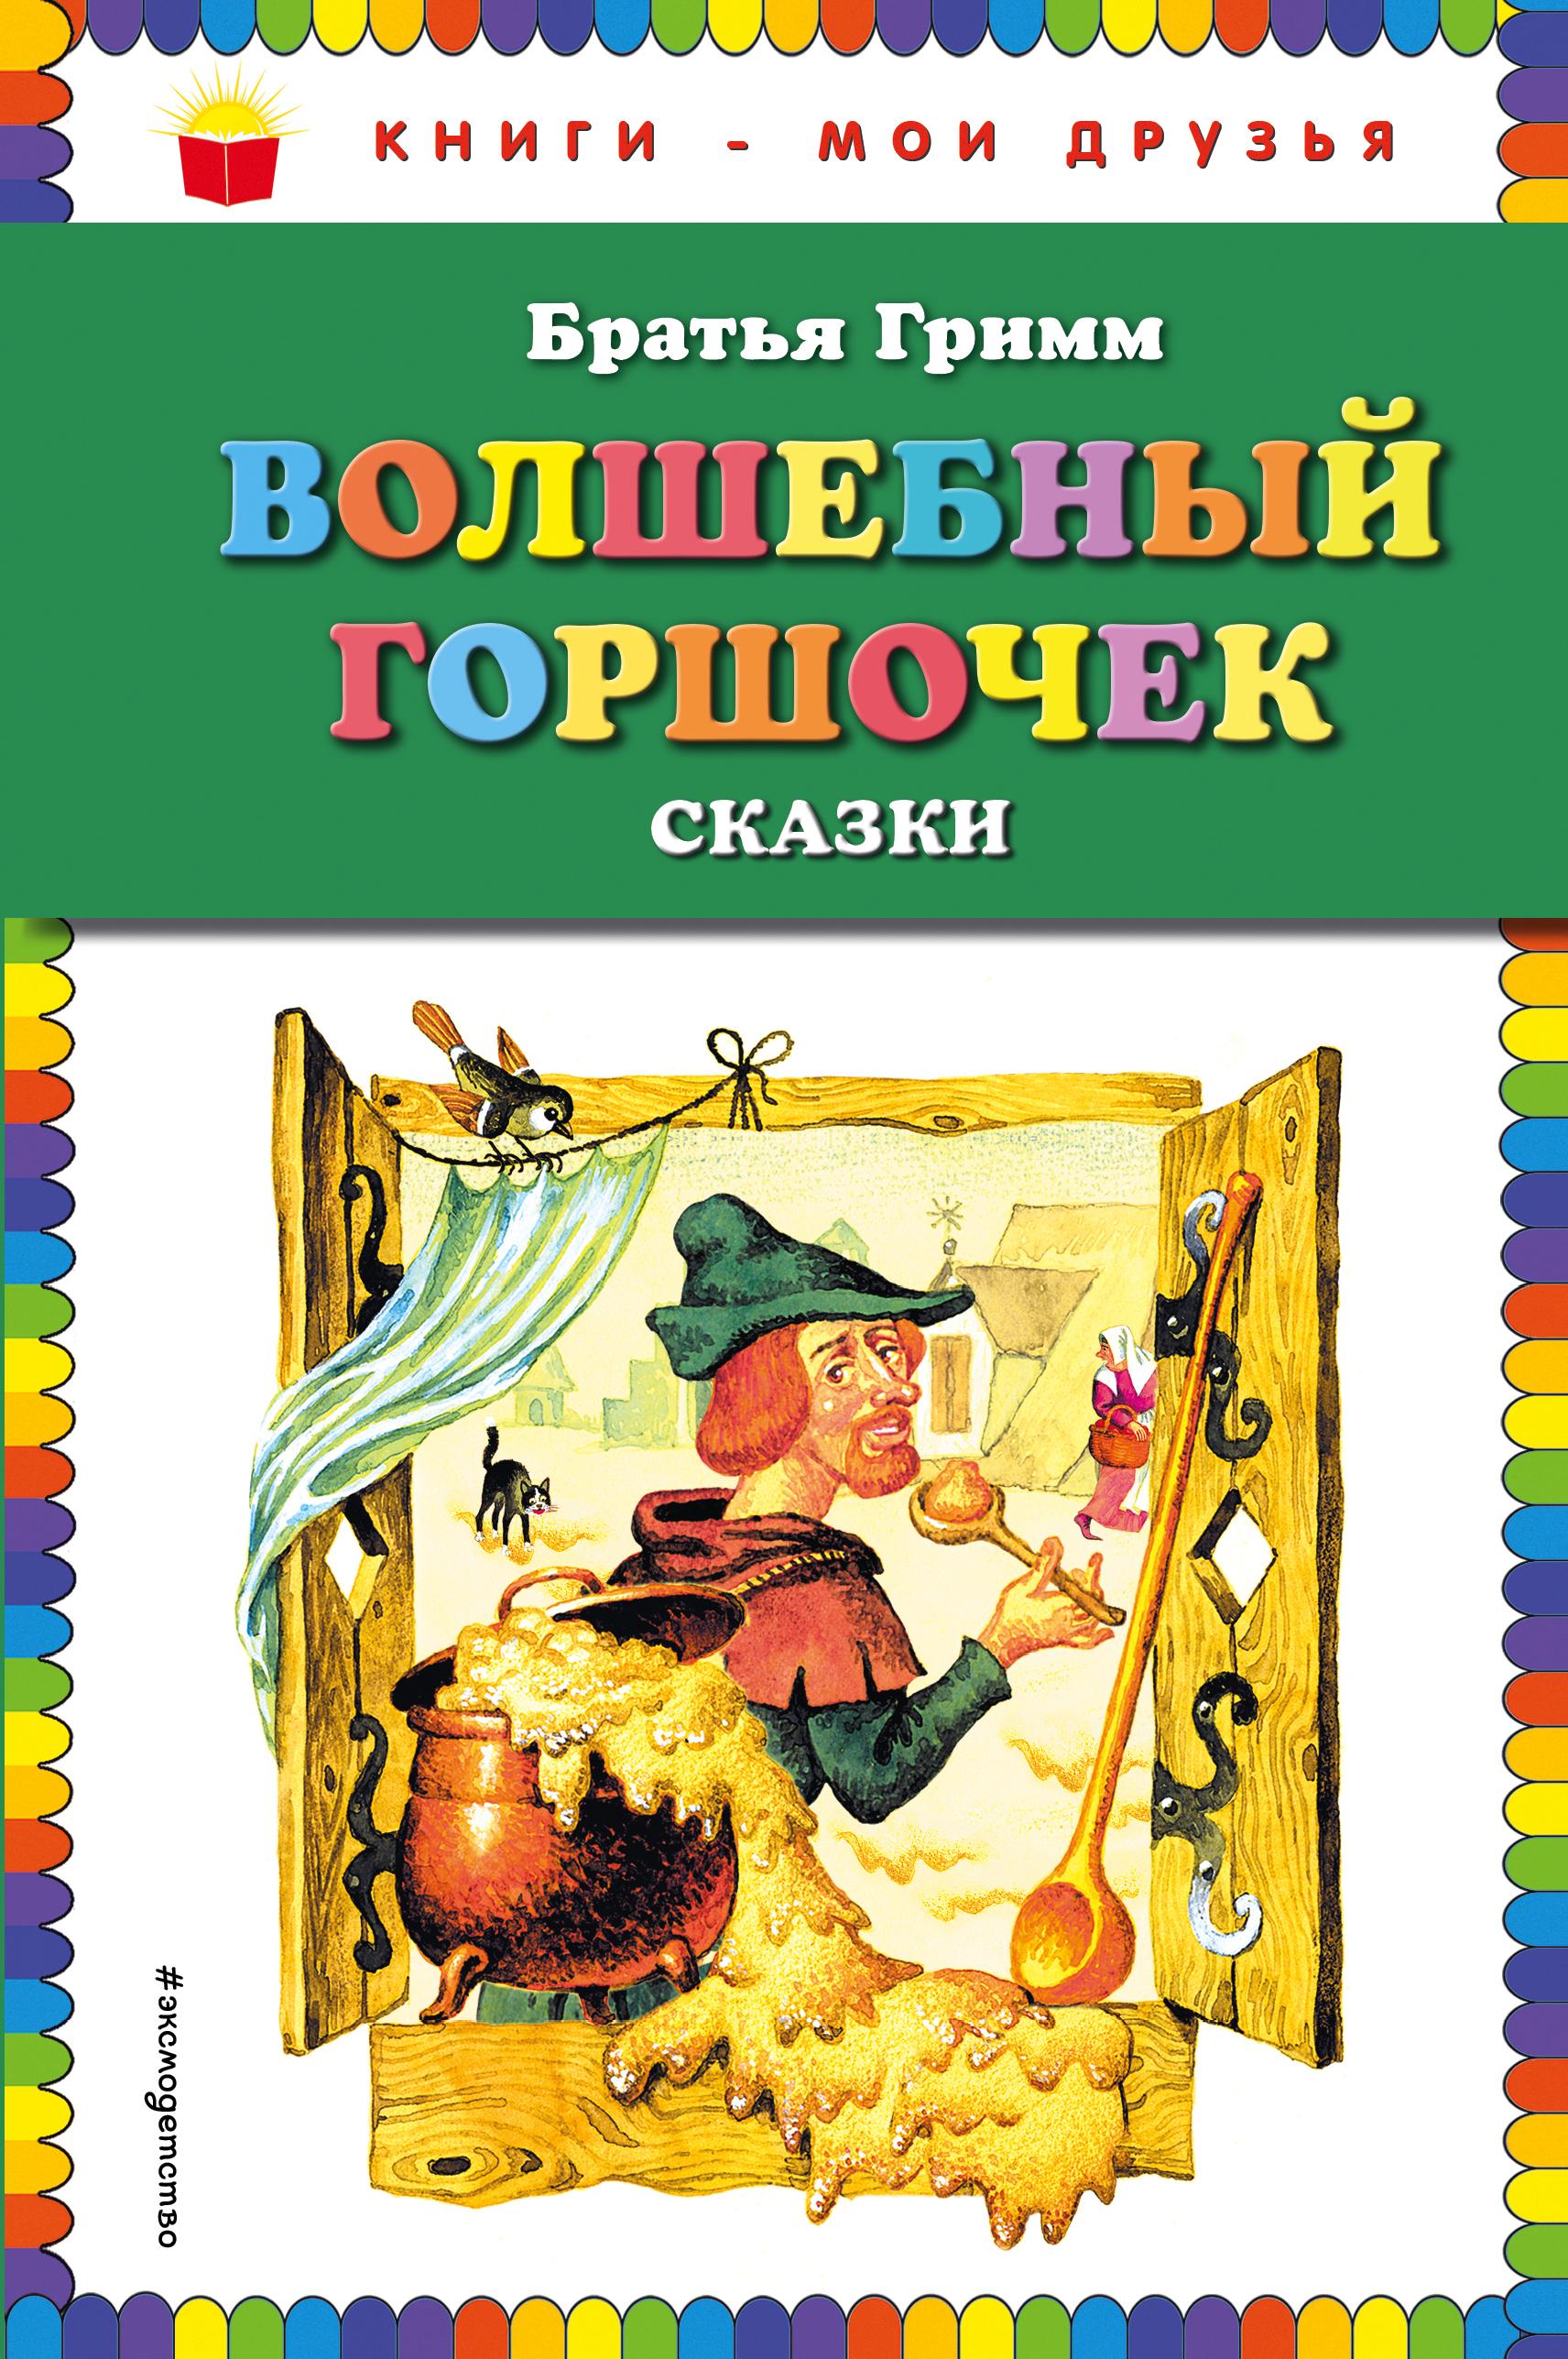 Братья Гримм Волшебный горшочек (сборник) братья гримм волшебный горшочек сборник